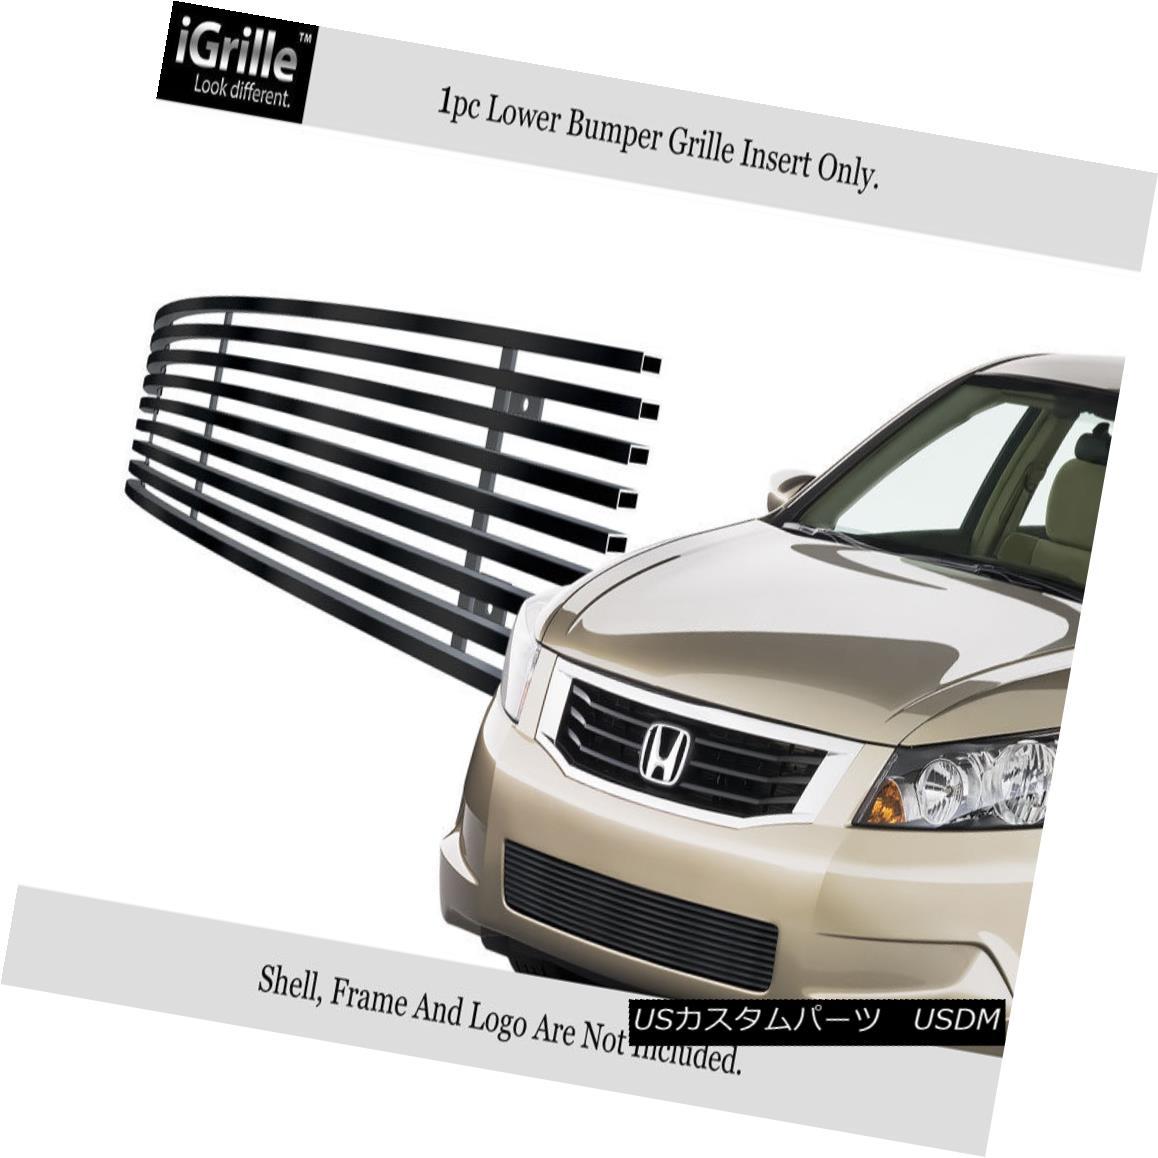 グリル Fits 08-10 Honda Accord Sedan Black Bumper Stainless Steel Billet Grille Insert フィット08-10ホンダアコードセダンブラックバンパーステンレス鋼ビレットグリルインサート